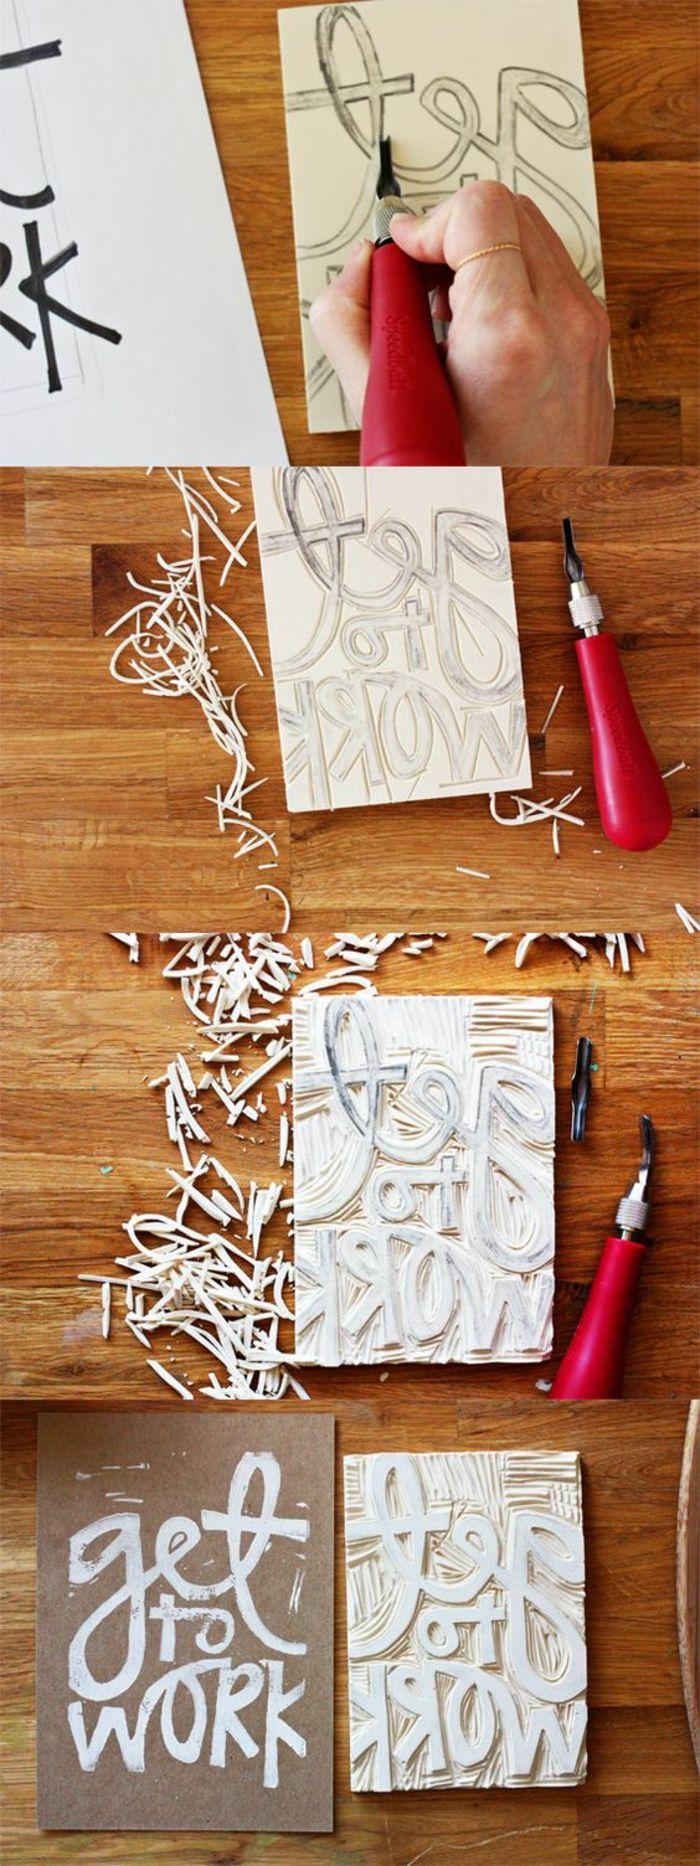 stempel selbst gestalten aus holz, buchstaben formen, diy wanddeko